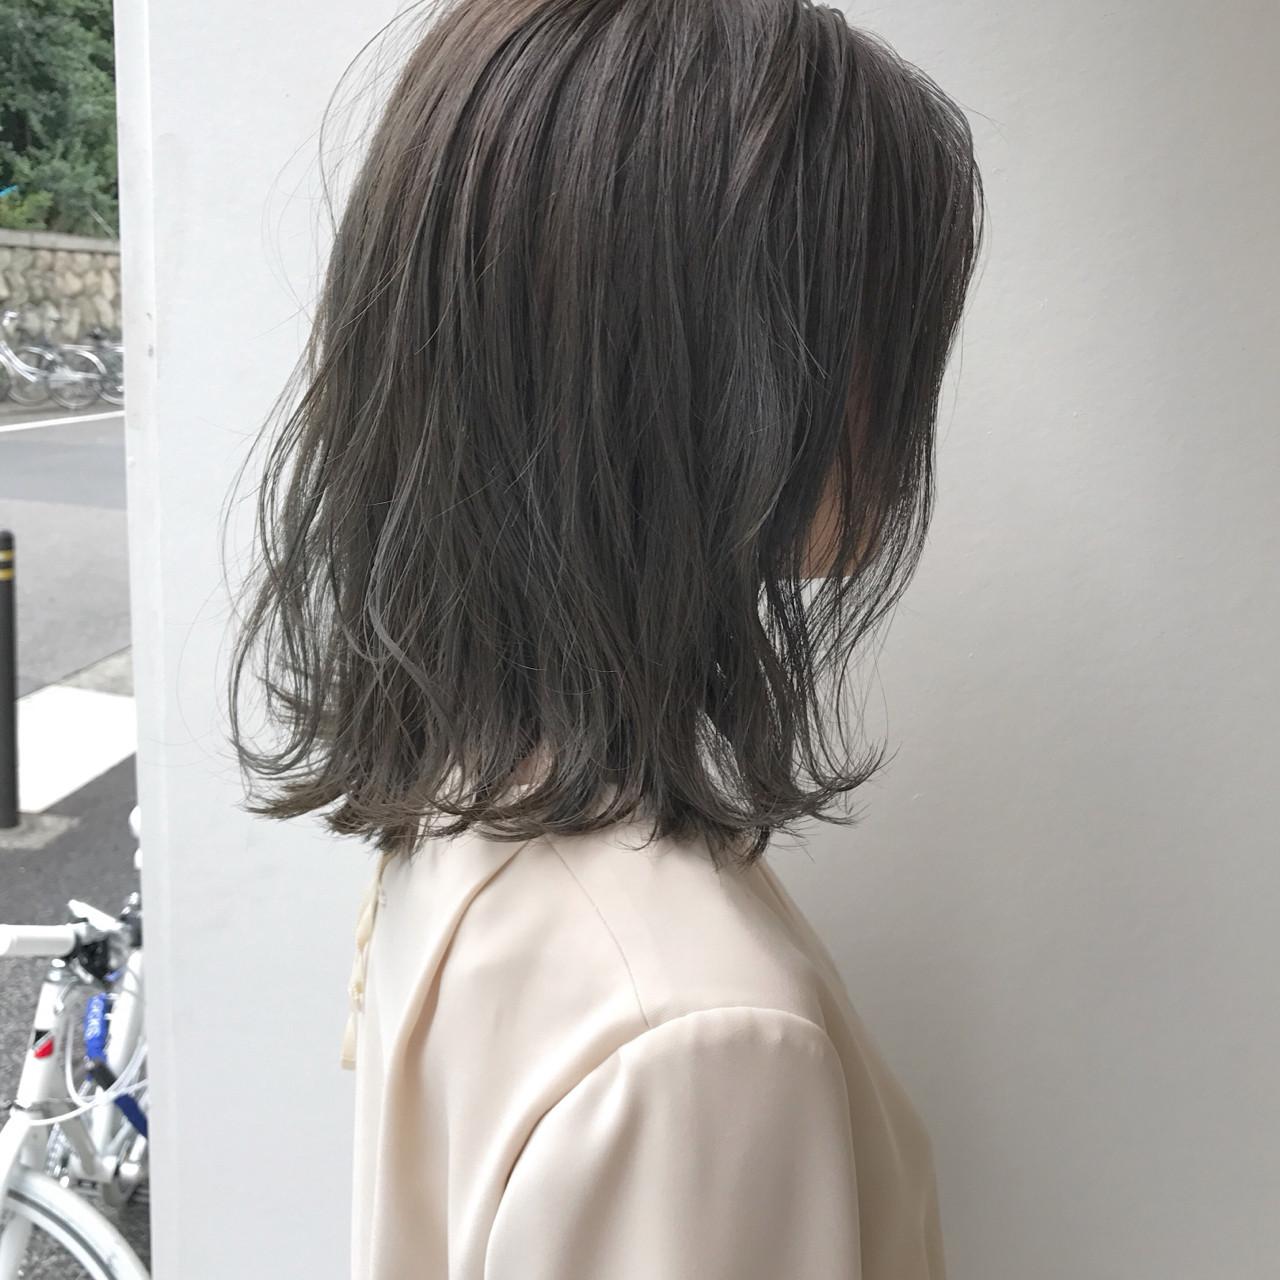 切りっぱなし 透明感 ハイライト ロブ ヘアスタイルや髪型の写真・画像 | KENTO.NOESALON / NOE SALON